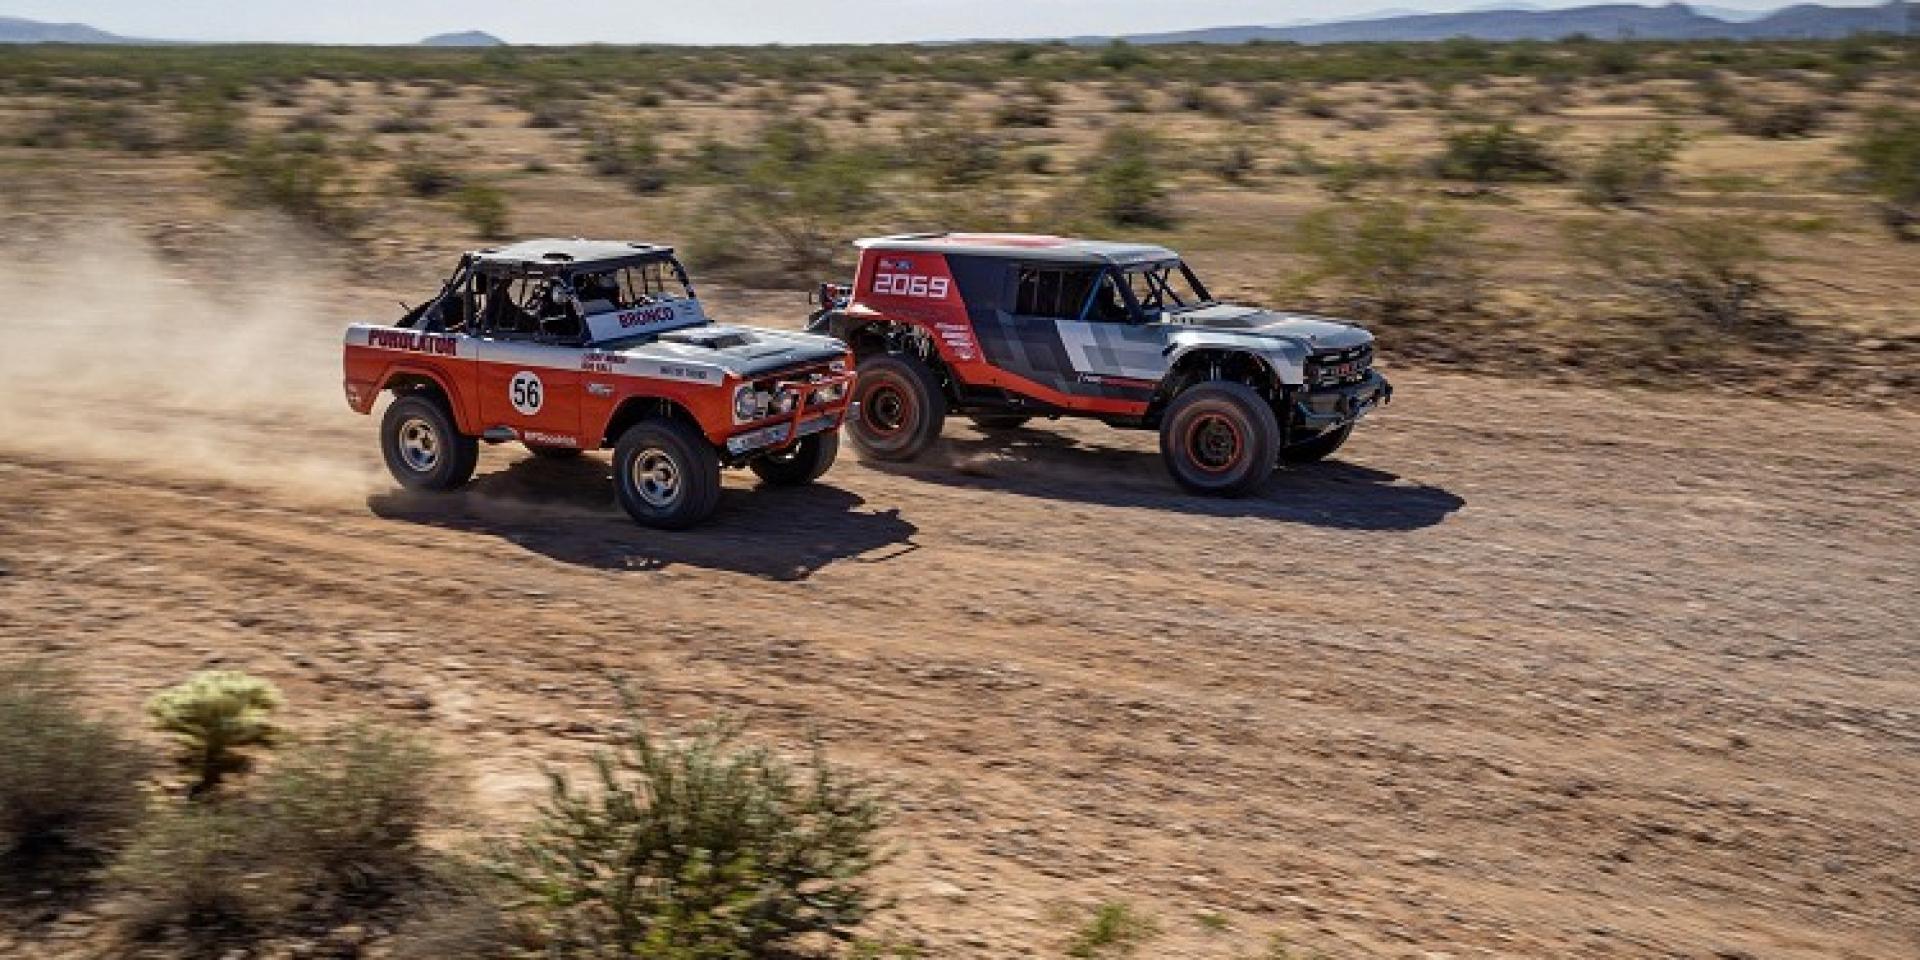 經典越野車重返市場,Ford Bronco R為授受車開先鋒